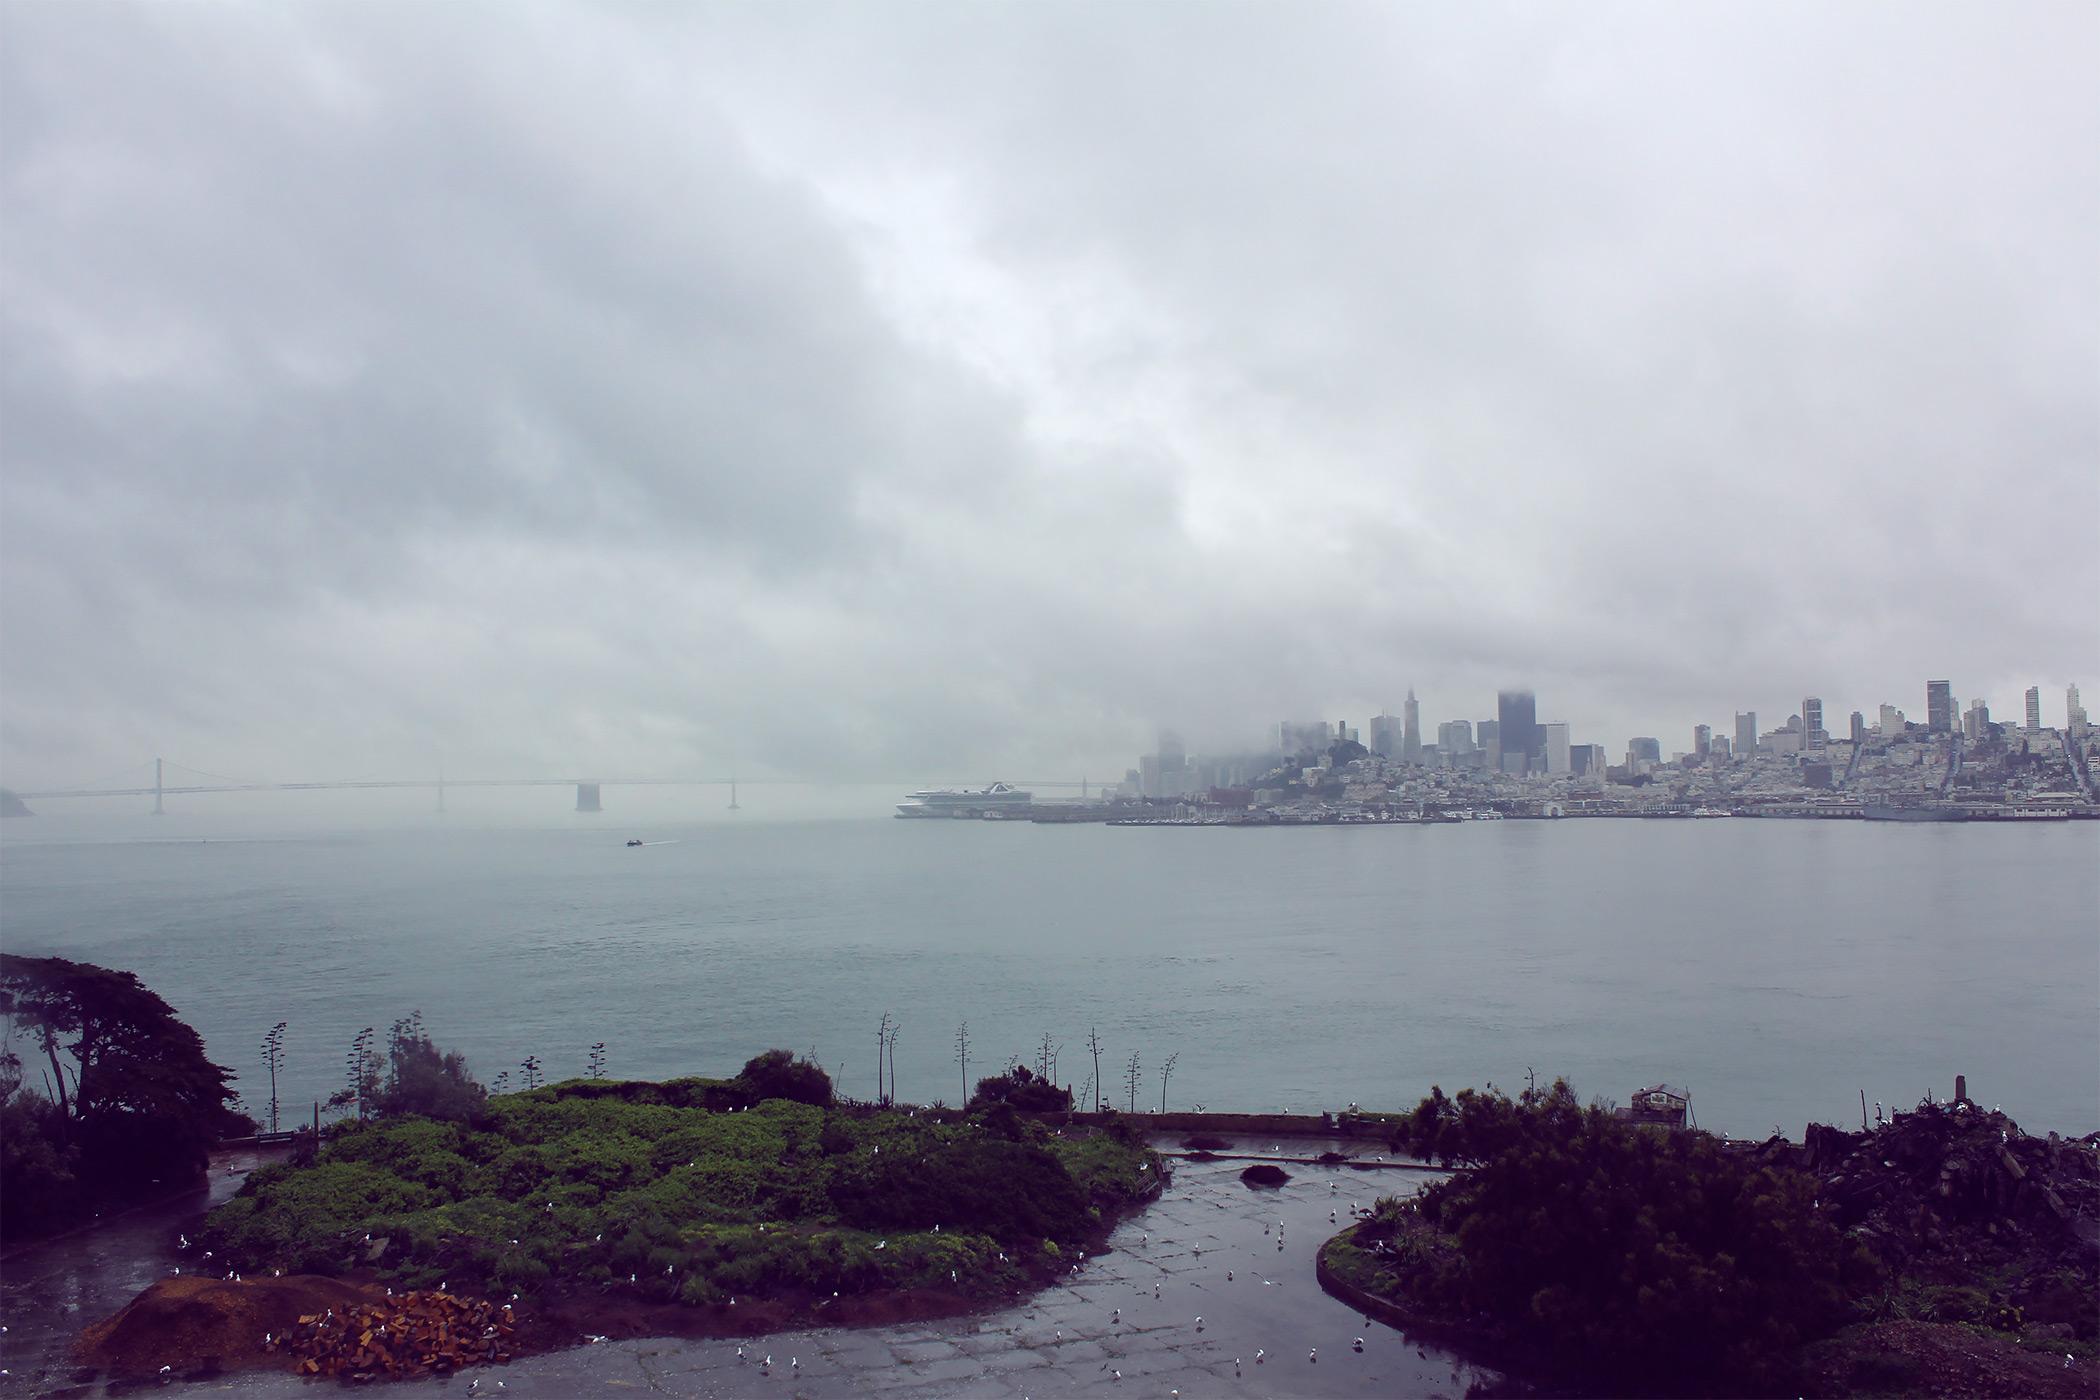 View of San Francisco from Alcatraz